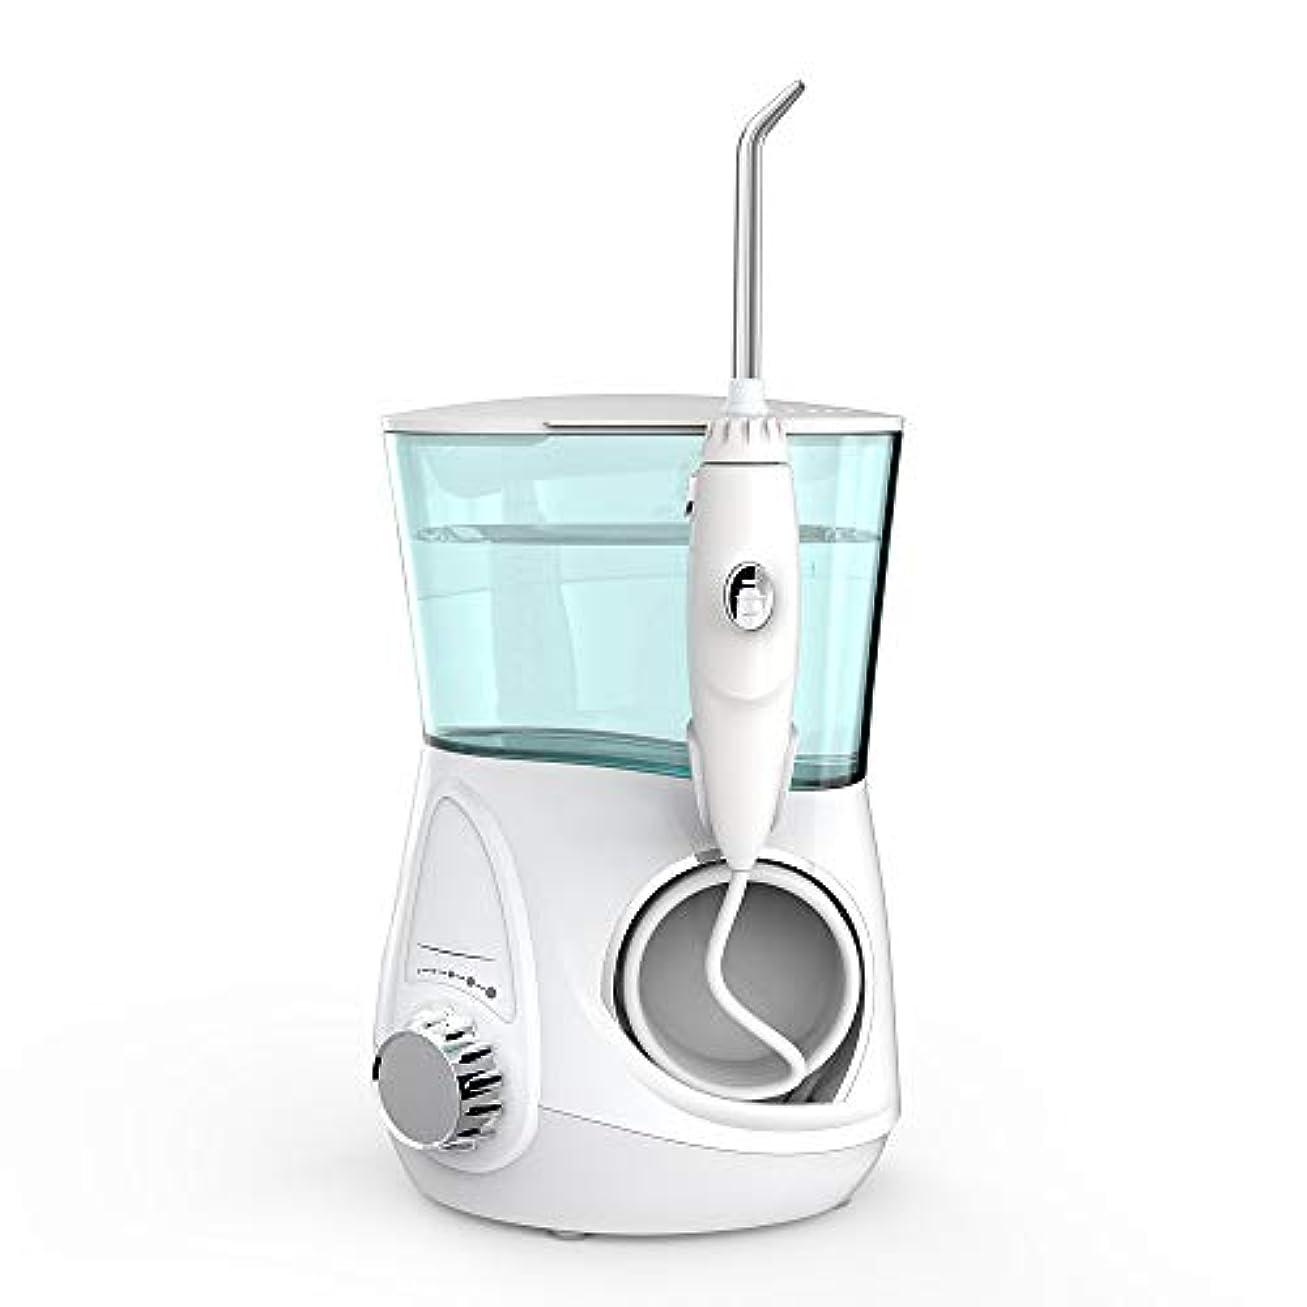 天皇一族増加する水フロッサー口腔洗浄器、電気家庭用洗濯機ウォーターフロスケア充電式ウォーターピックジェット歯クリーニングで5ピースジェットti